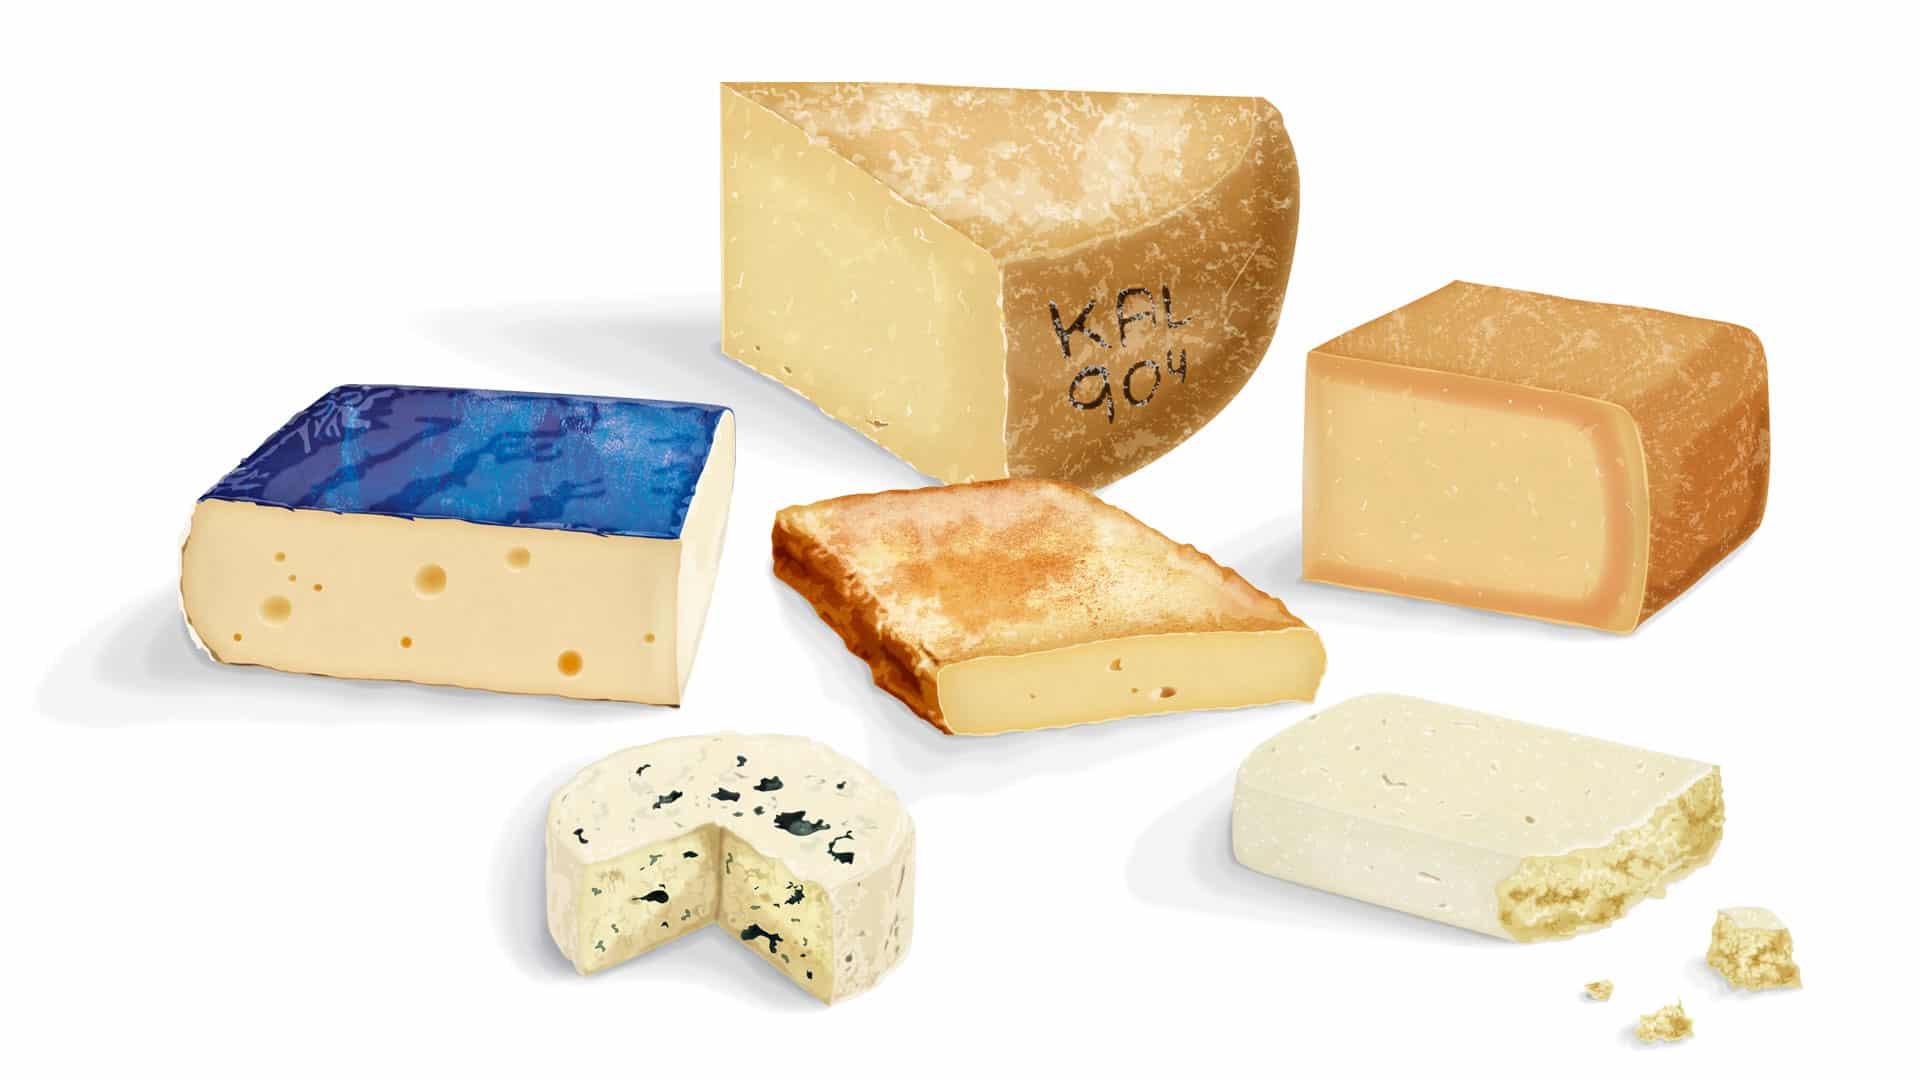 Gammel ost hitter: 6 hotte oste lige nu